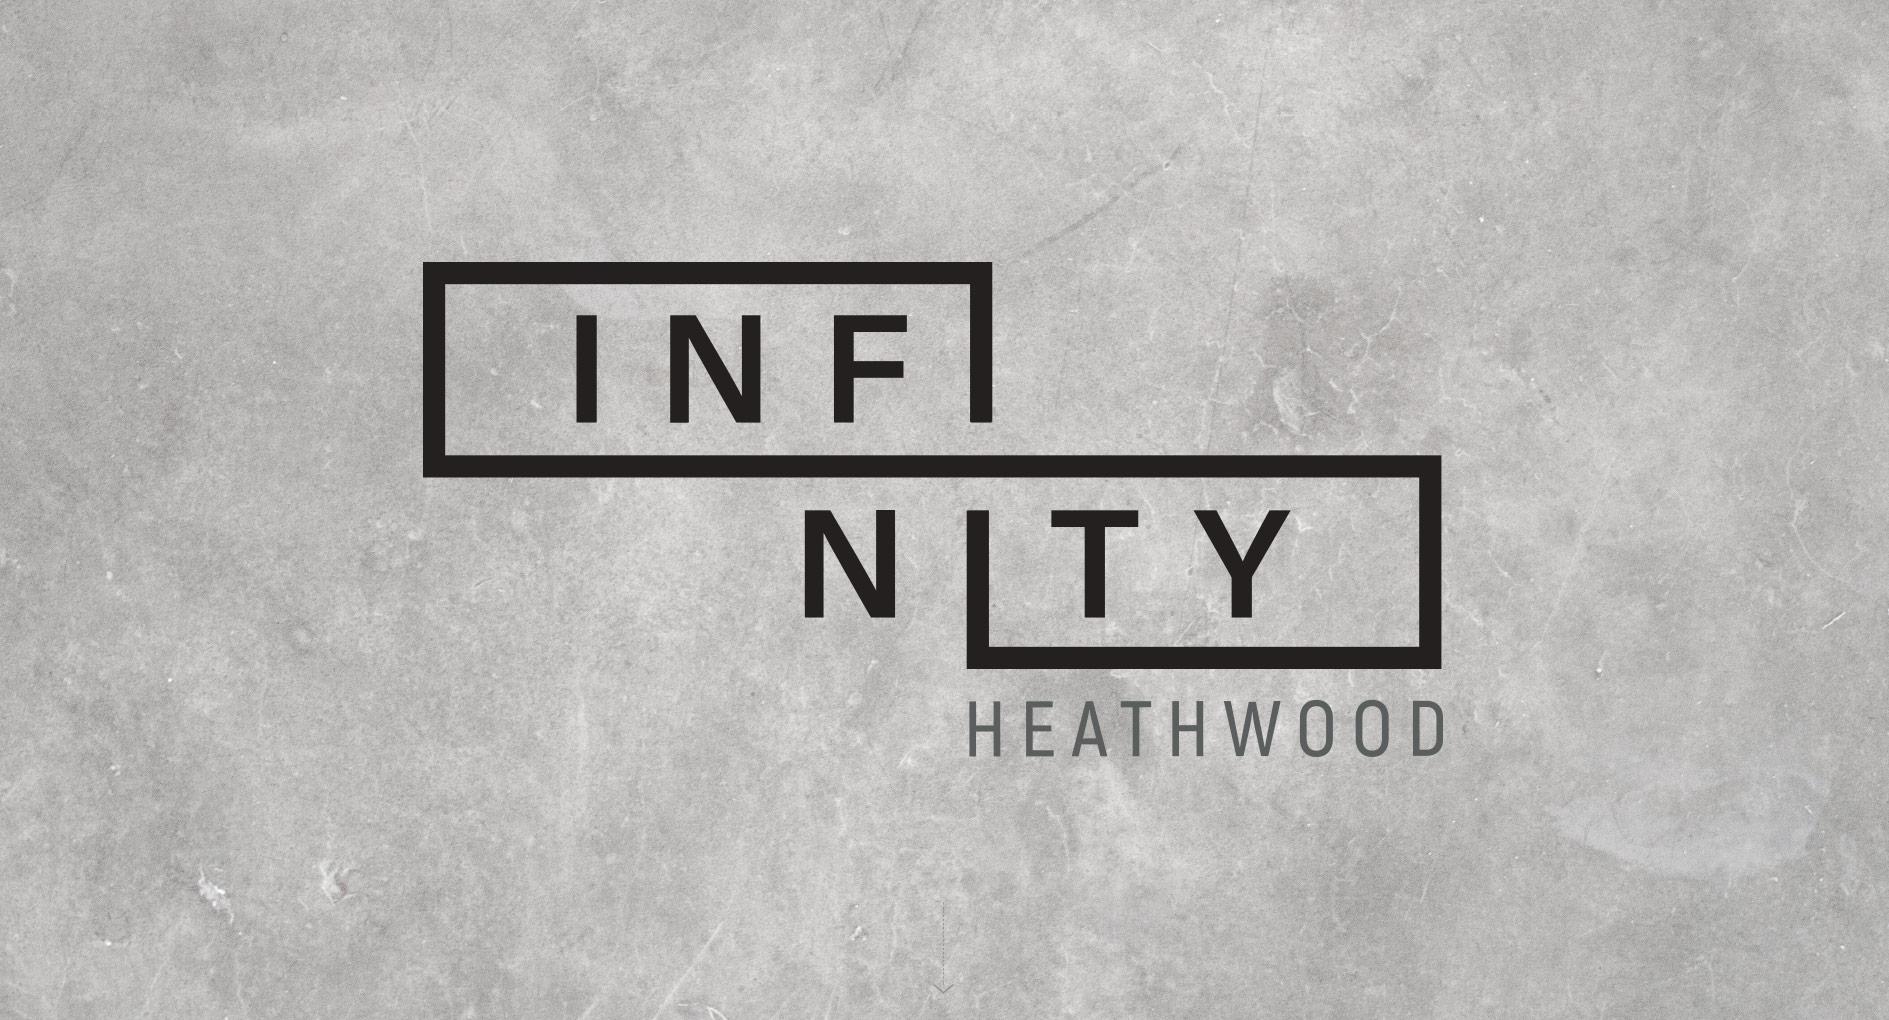 Infinity Heathwood Branding